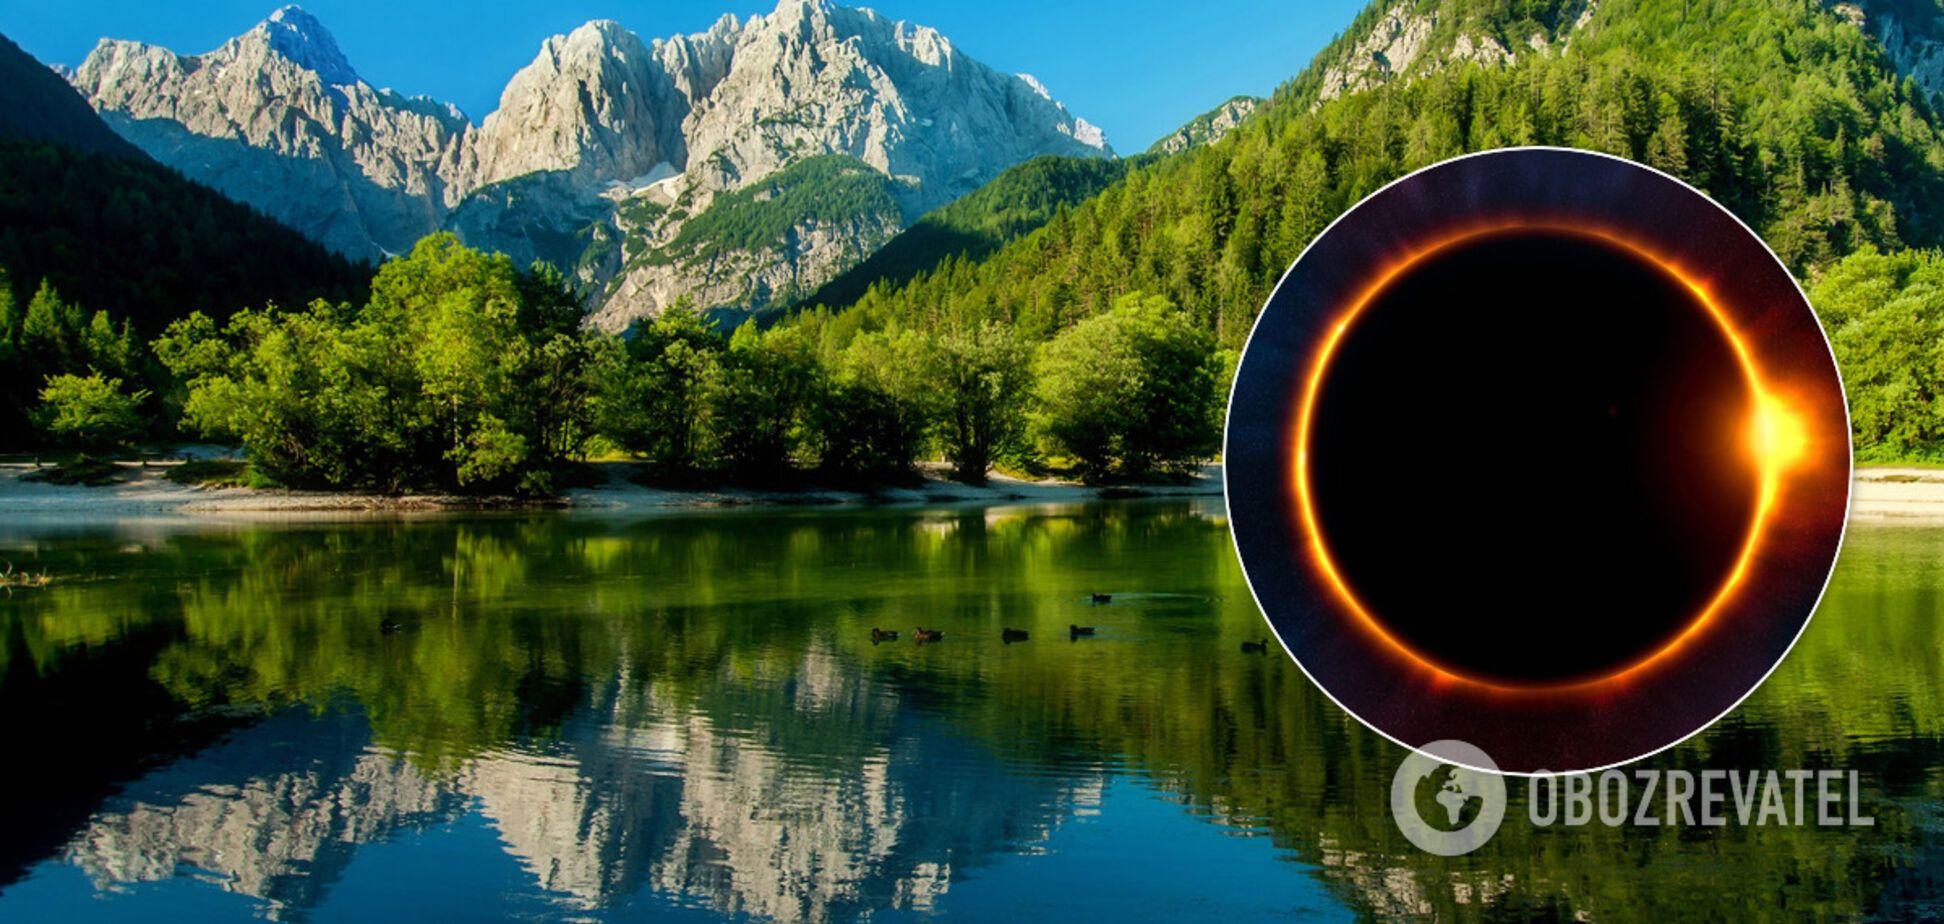 Затмение 21 июня вызовет 'энерготрясение': как обратить вред в пользу